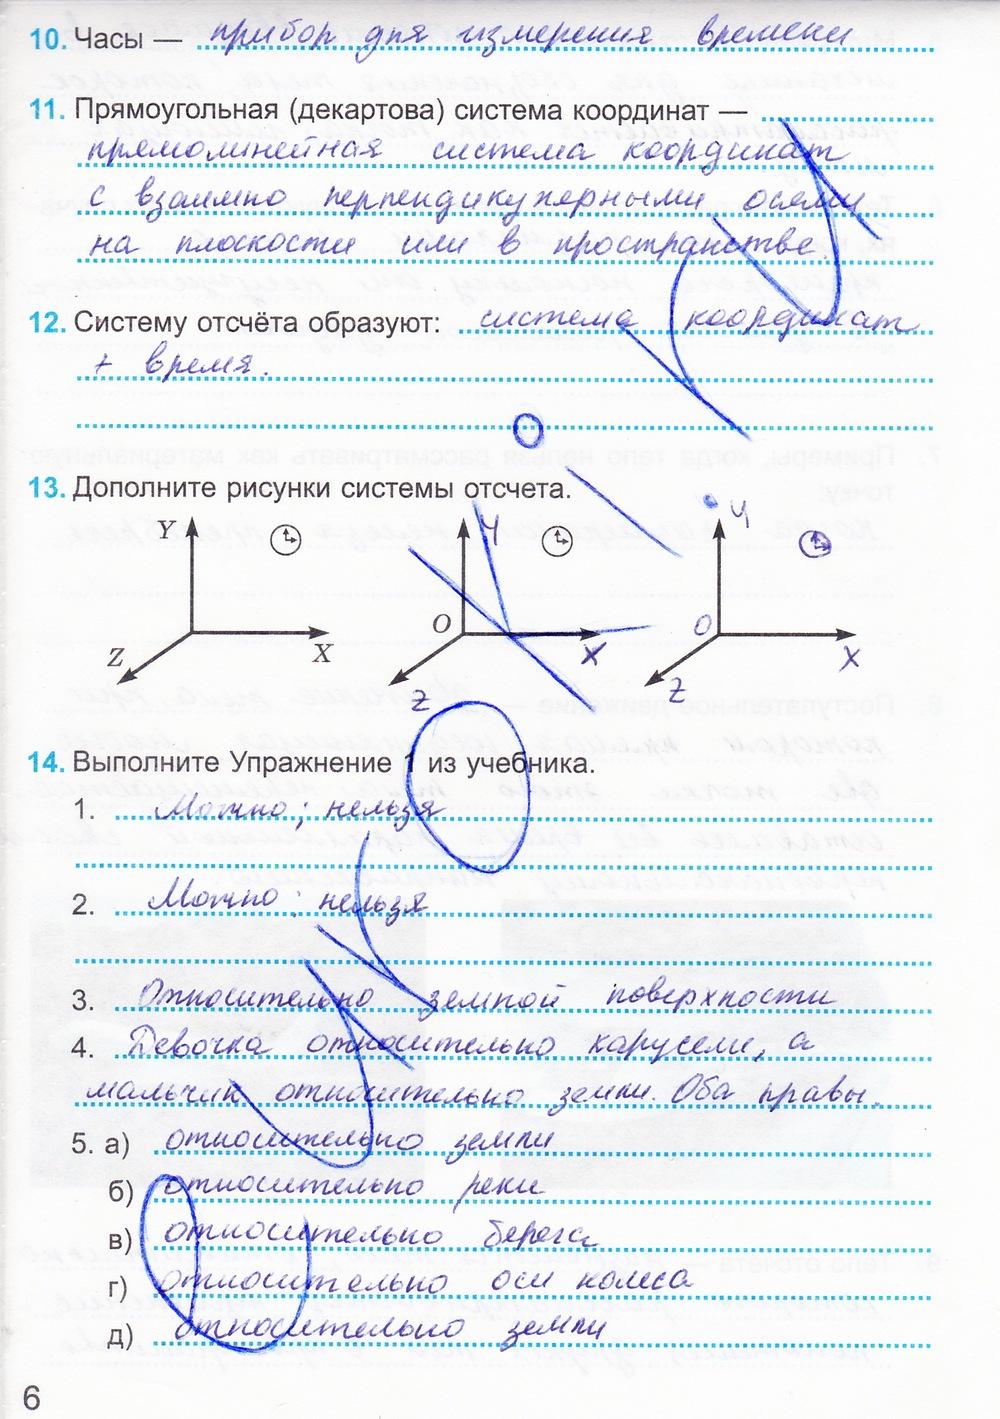 решебник рабочей тетради по физике 6